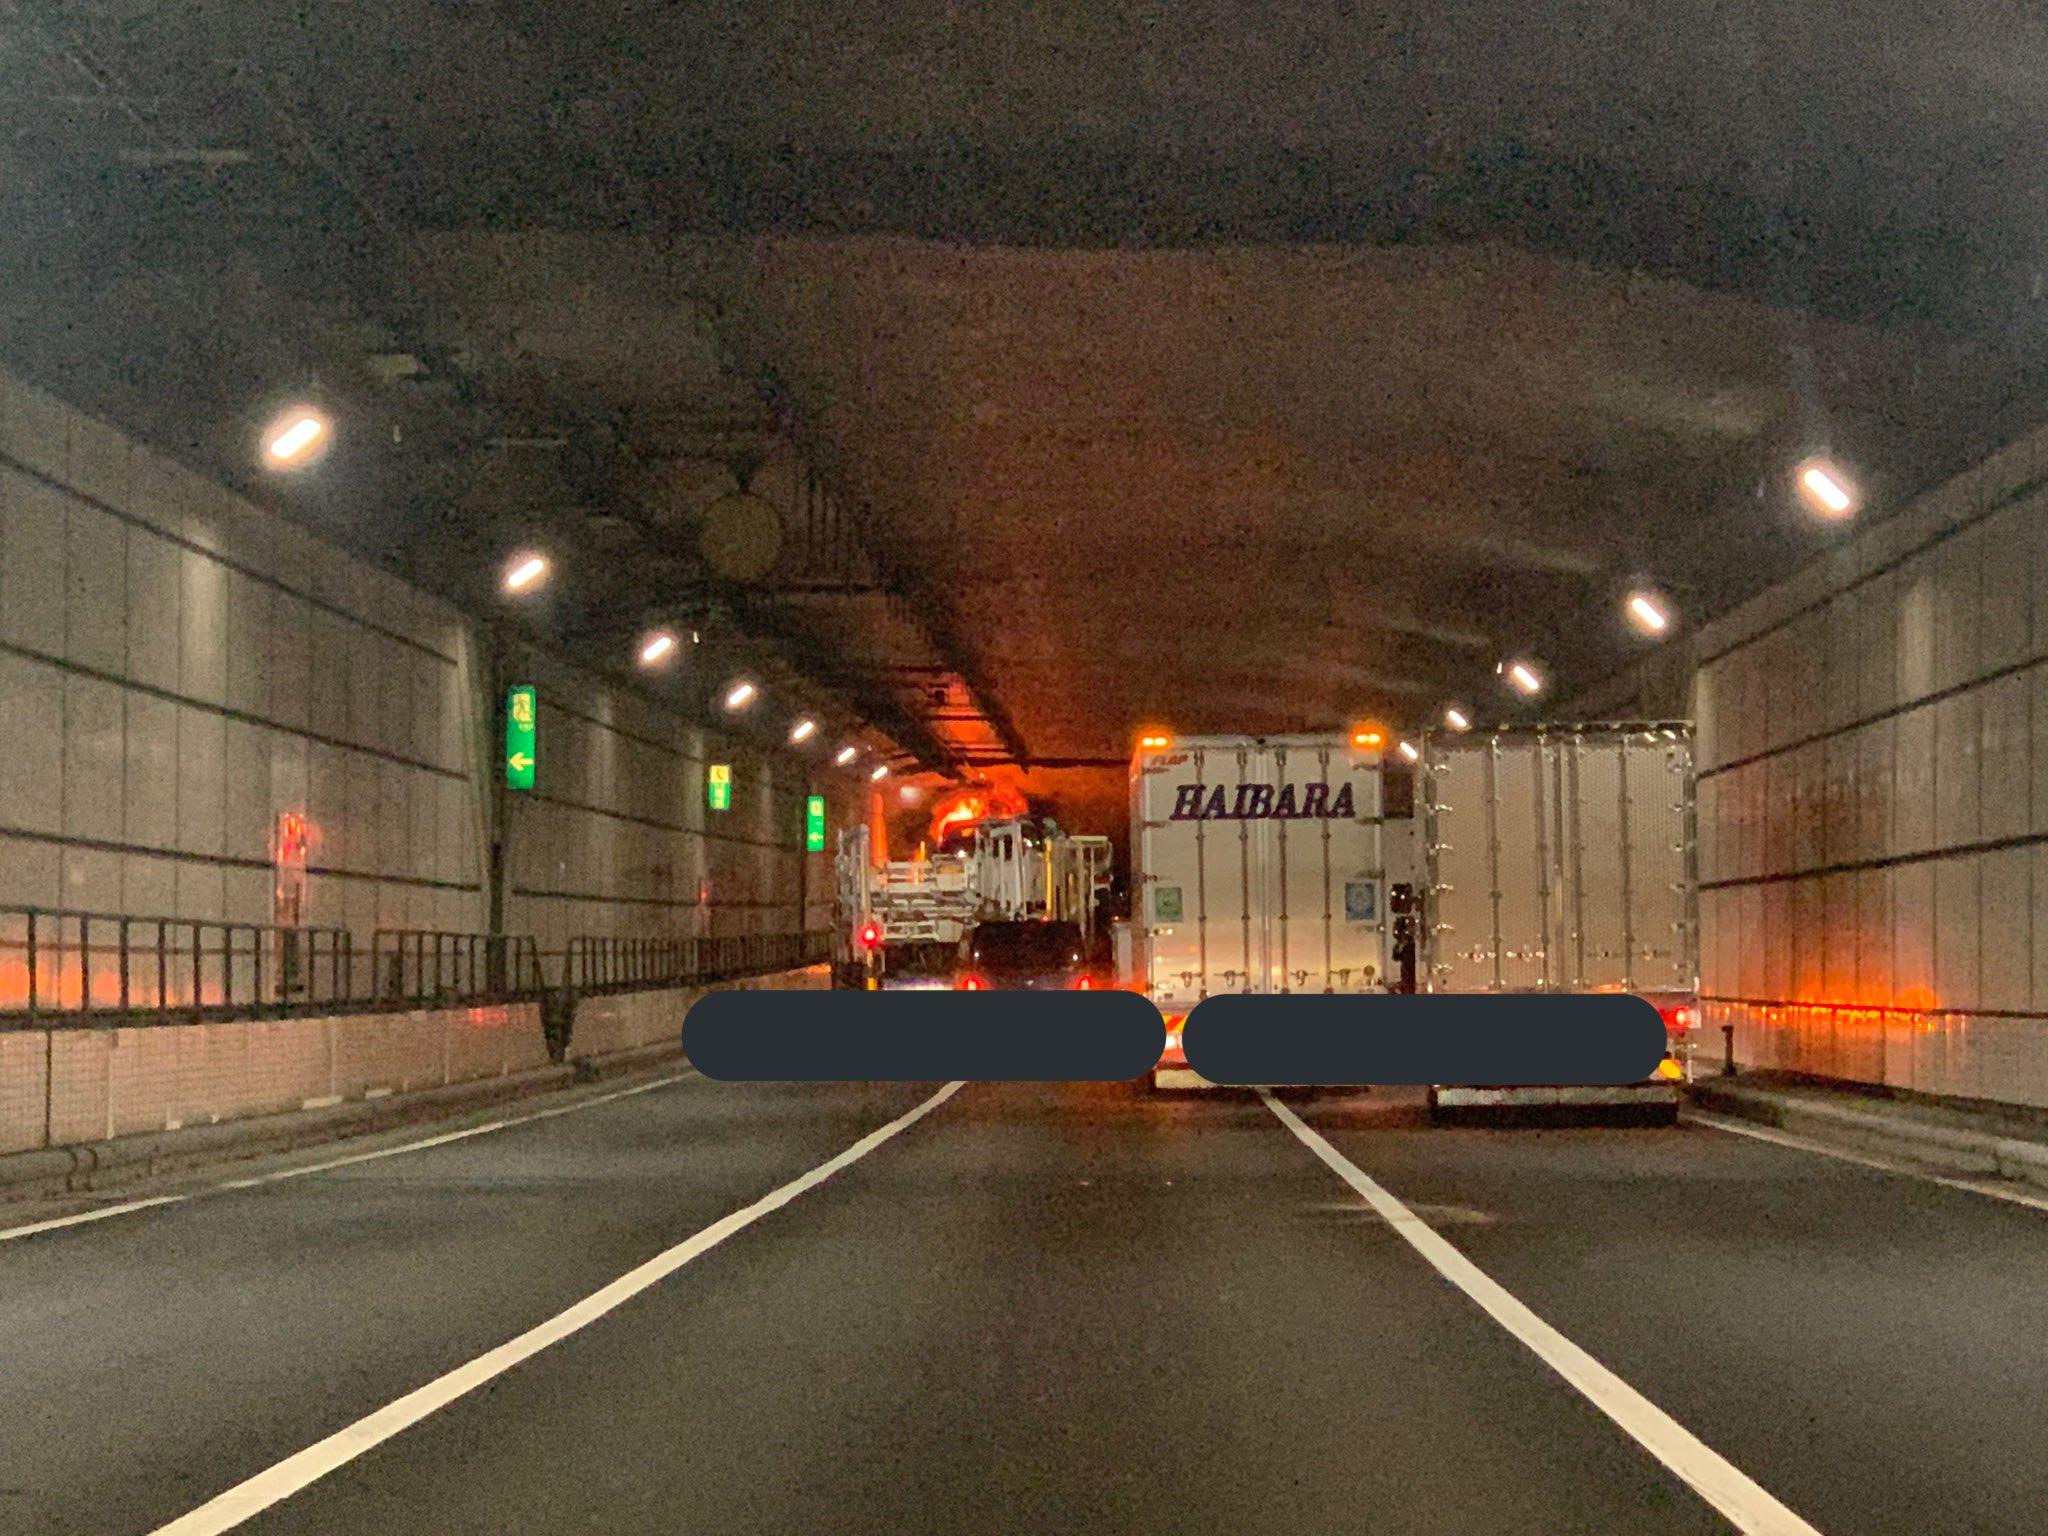 首都高の川崎航路トンネルで車両火災が起きた現場画像